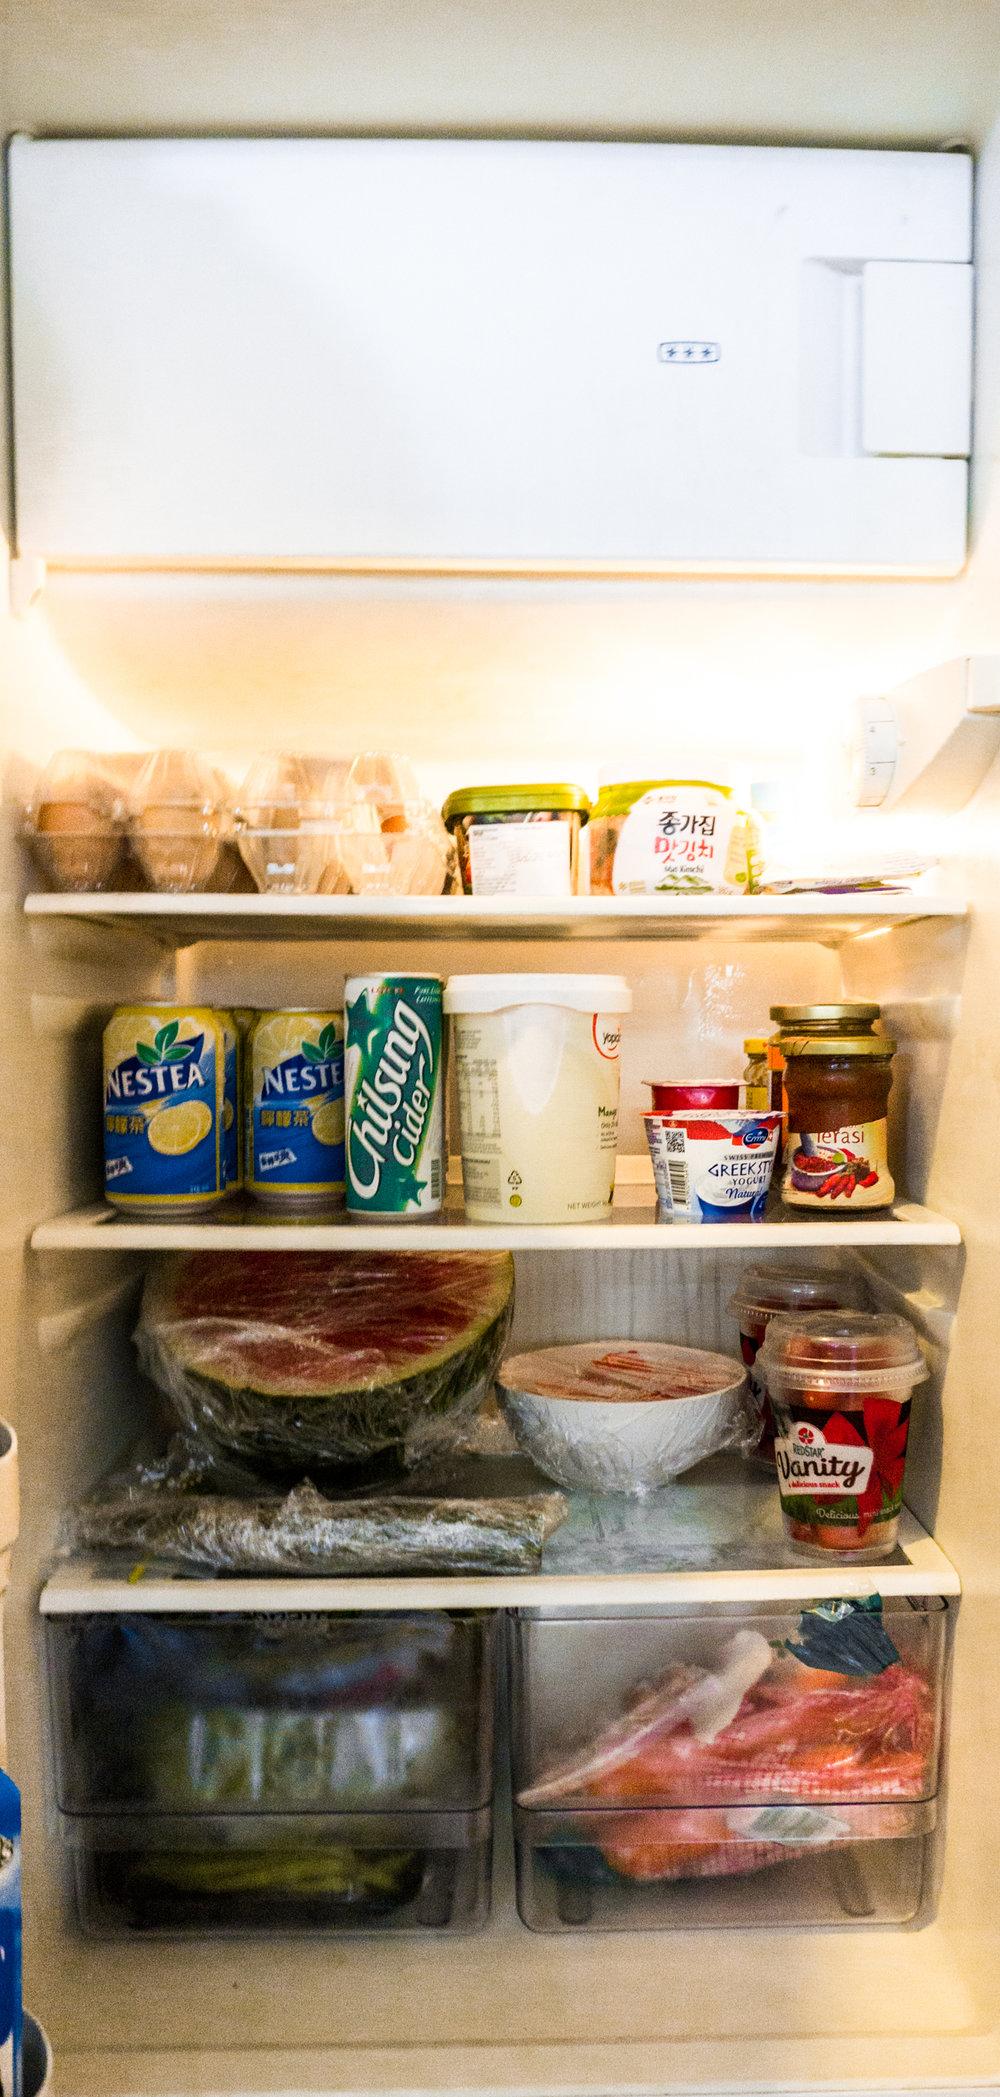 3_Sam_Hodgett_Meal_Prep.jpg